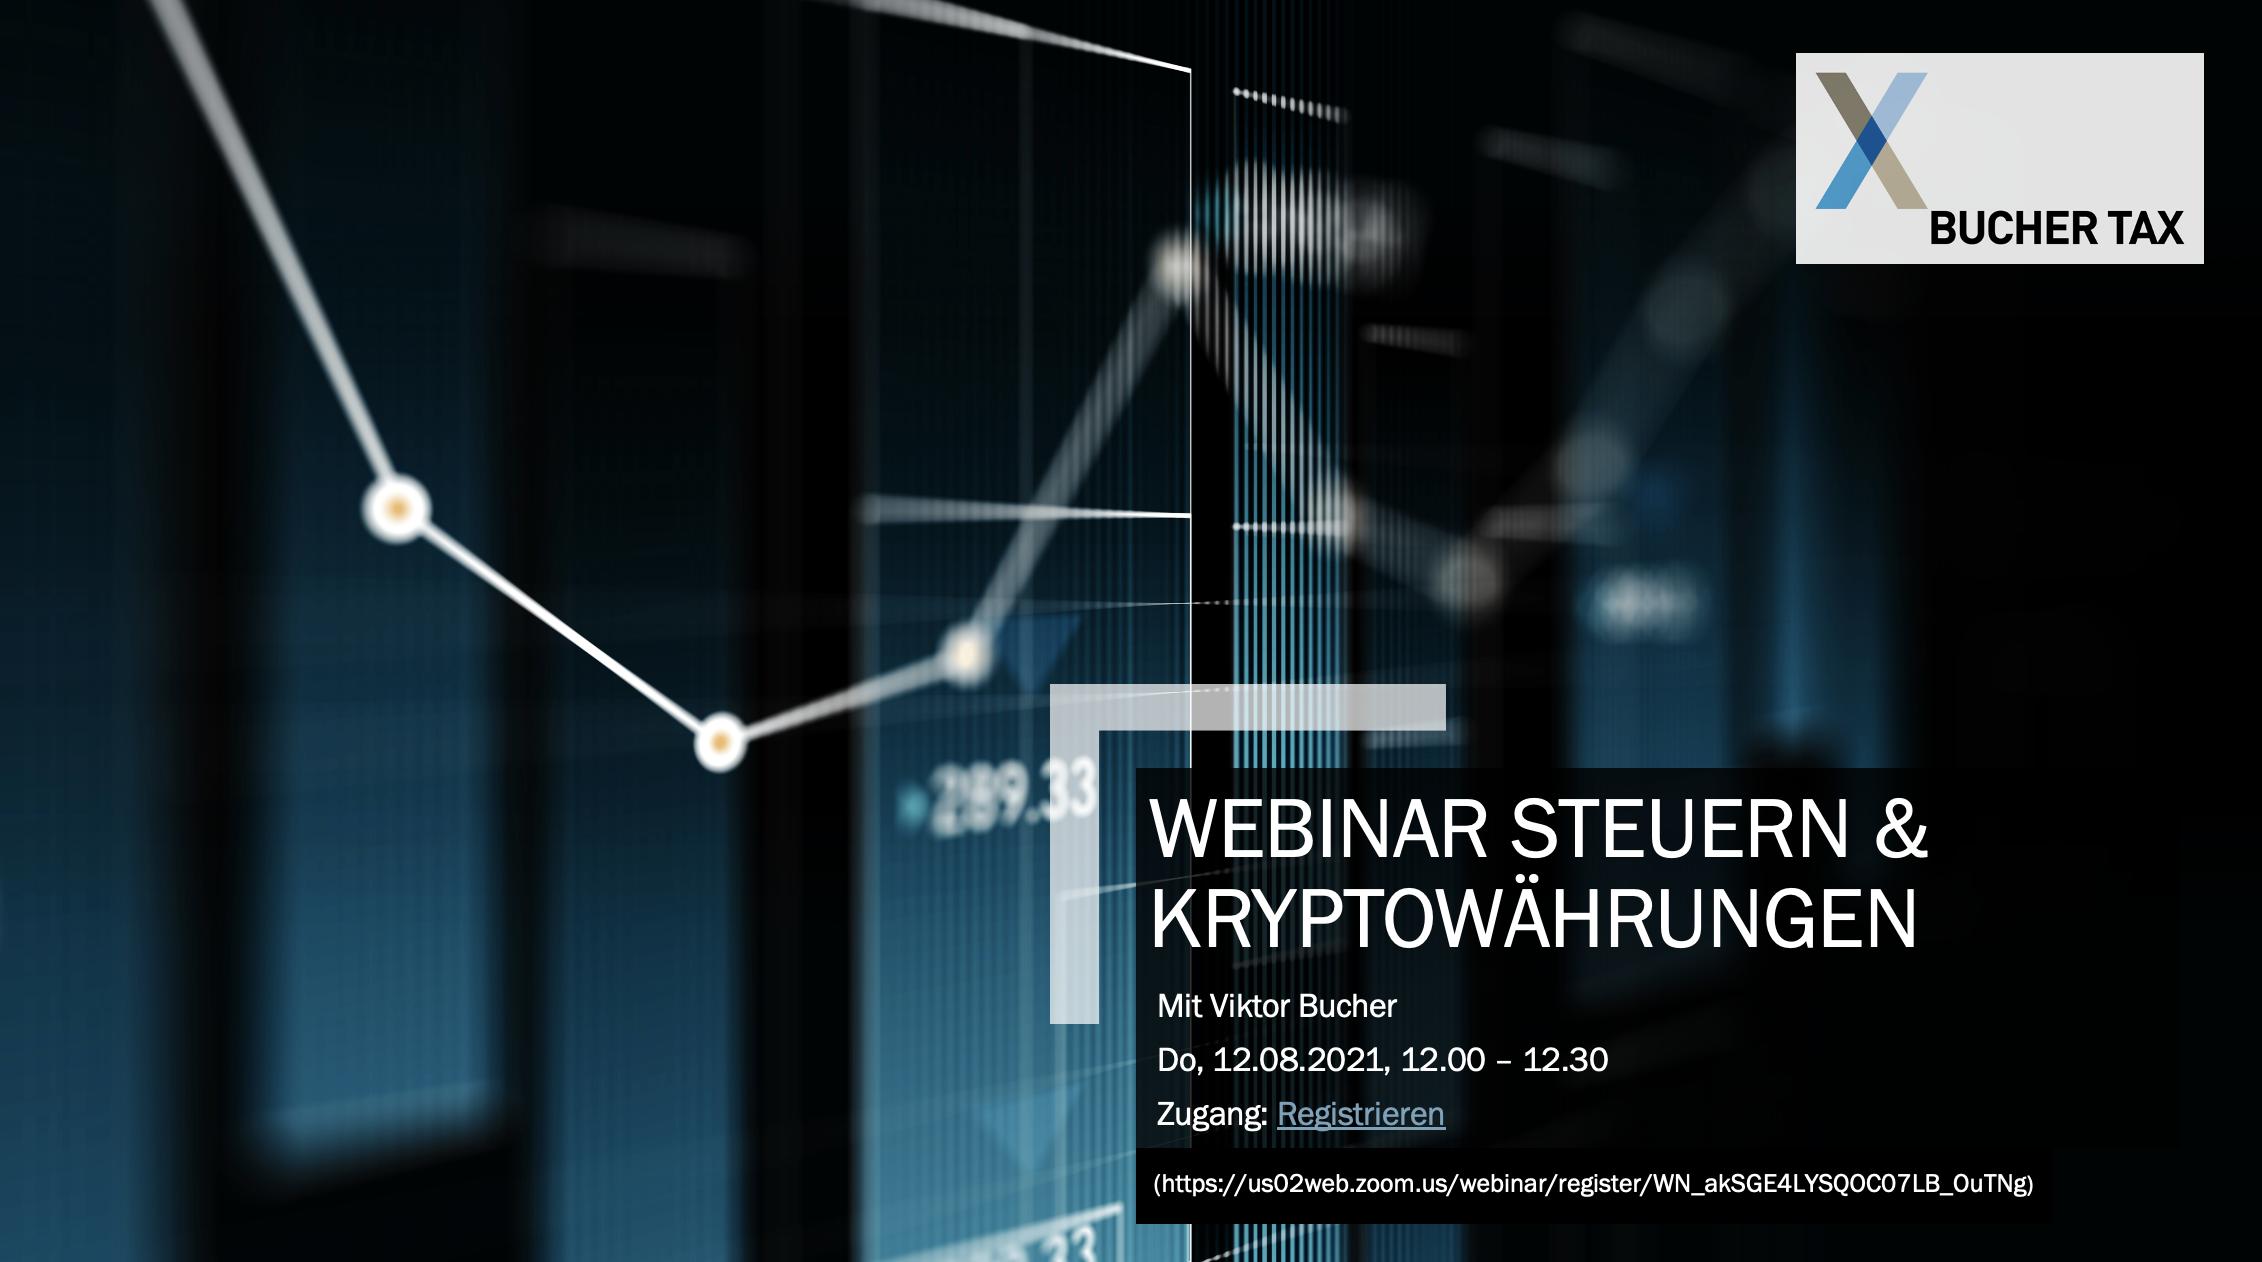 Webinar Steuern und Kryptowährungen